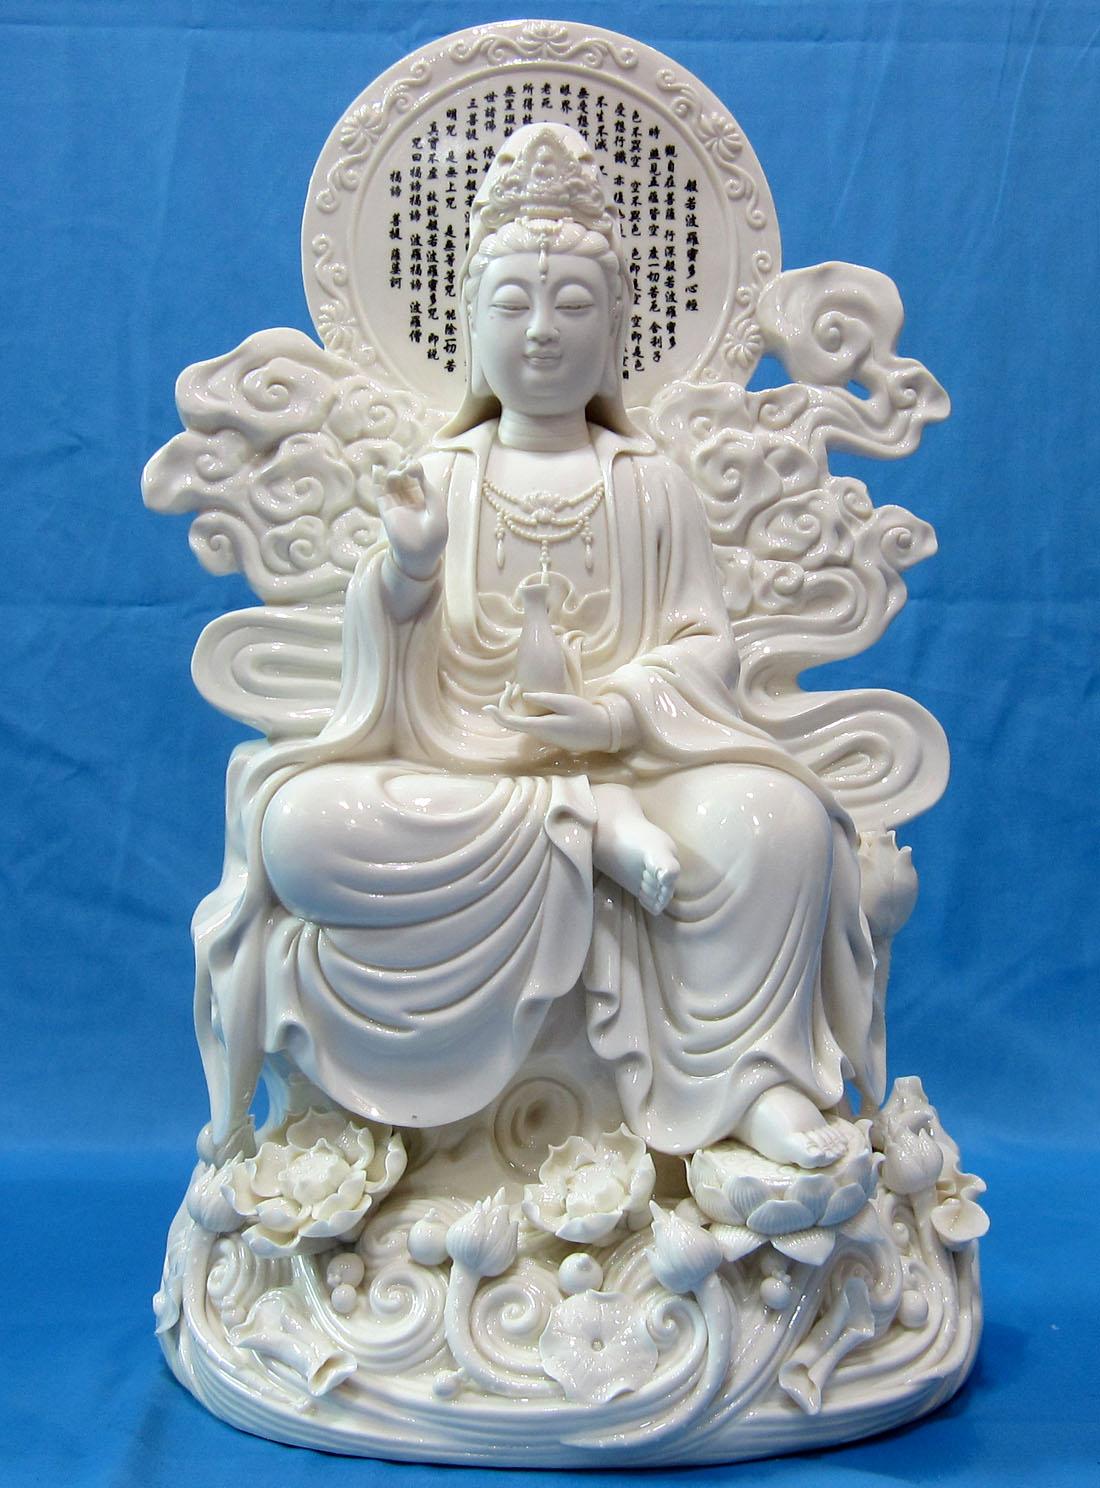 Hình ảnh tượng Phật Bà quan âm đẹp nhất